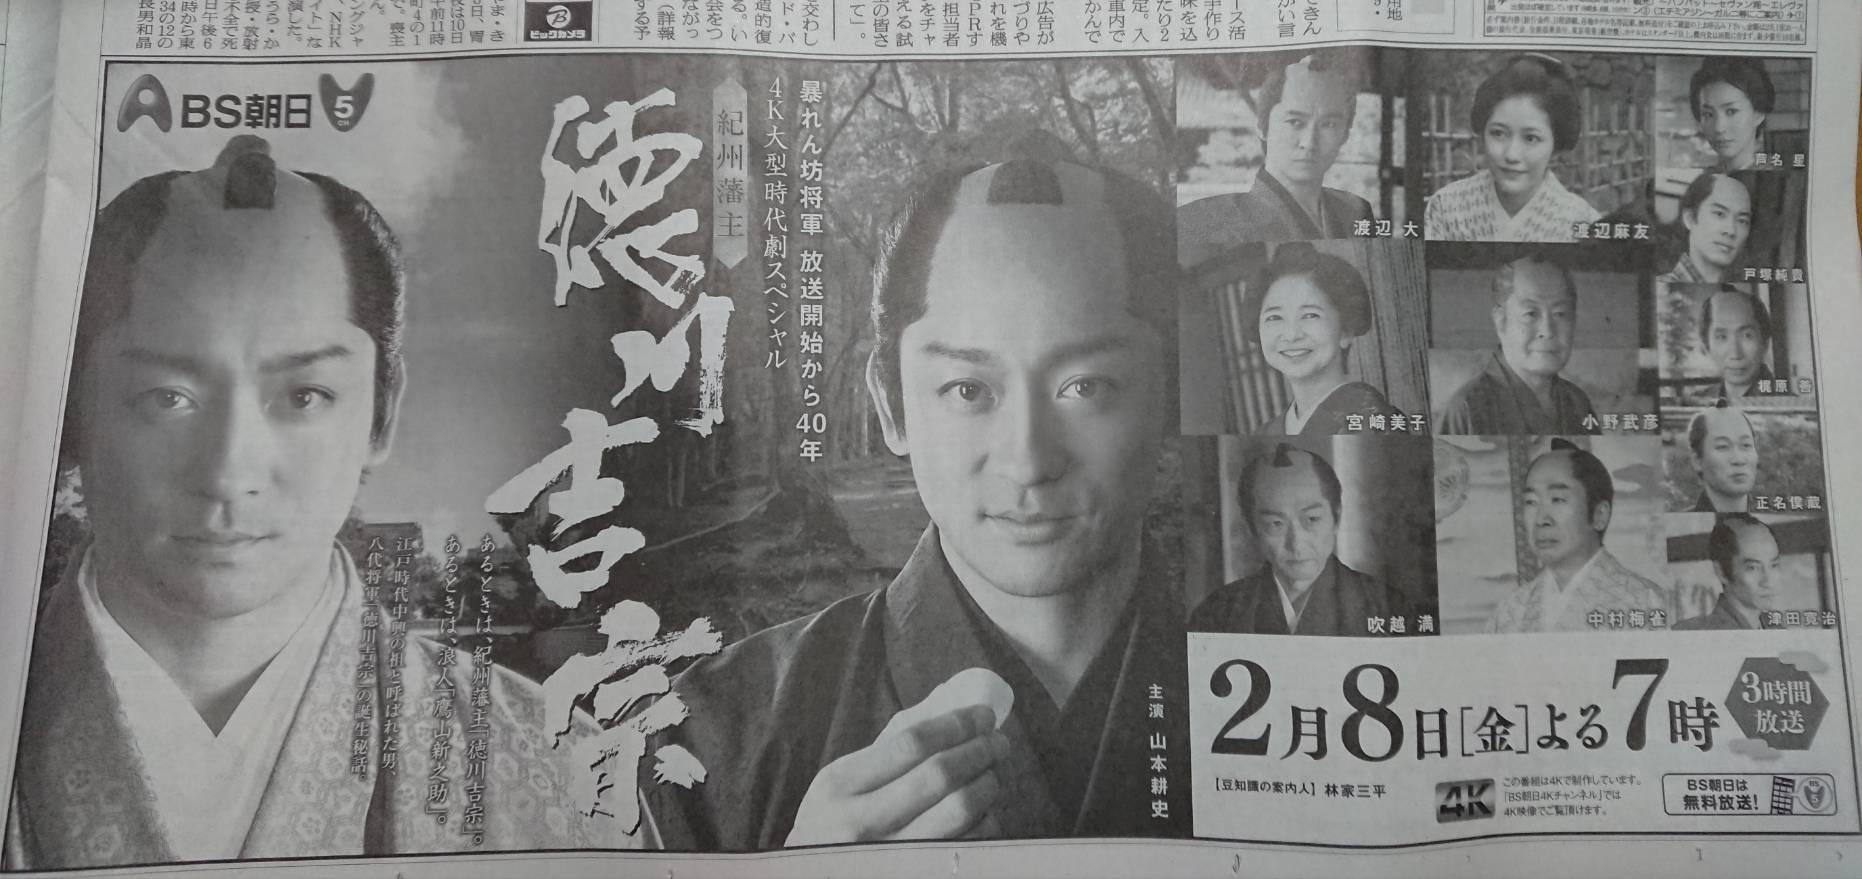 朝日新聞朝刊に『紀州藩主・徳川吉宗』【渡辺麻友】の広告が!/4Kで【まゆゆ】を見るためには